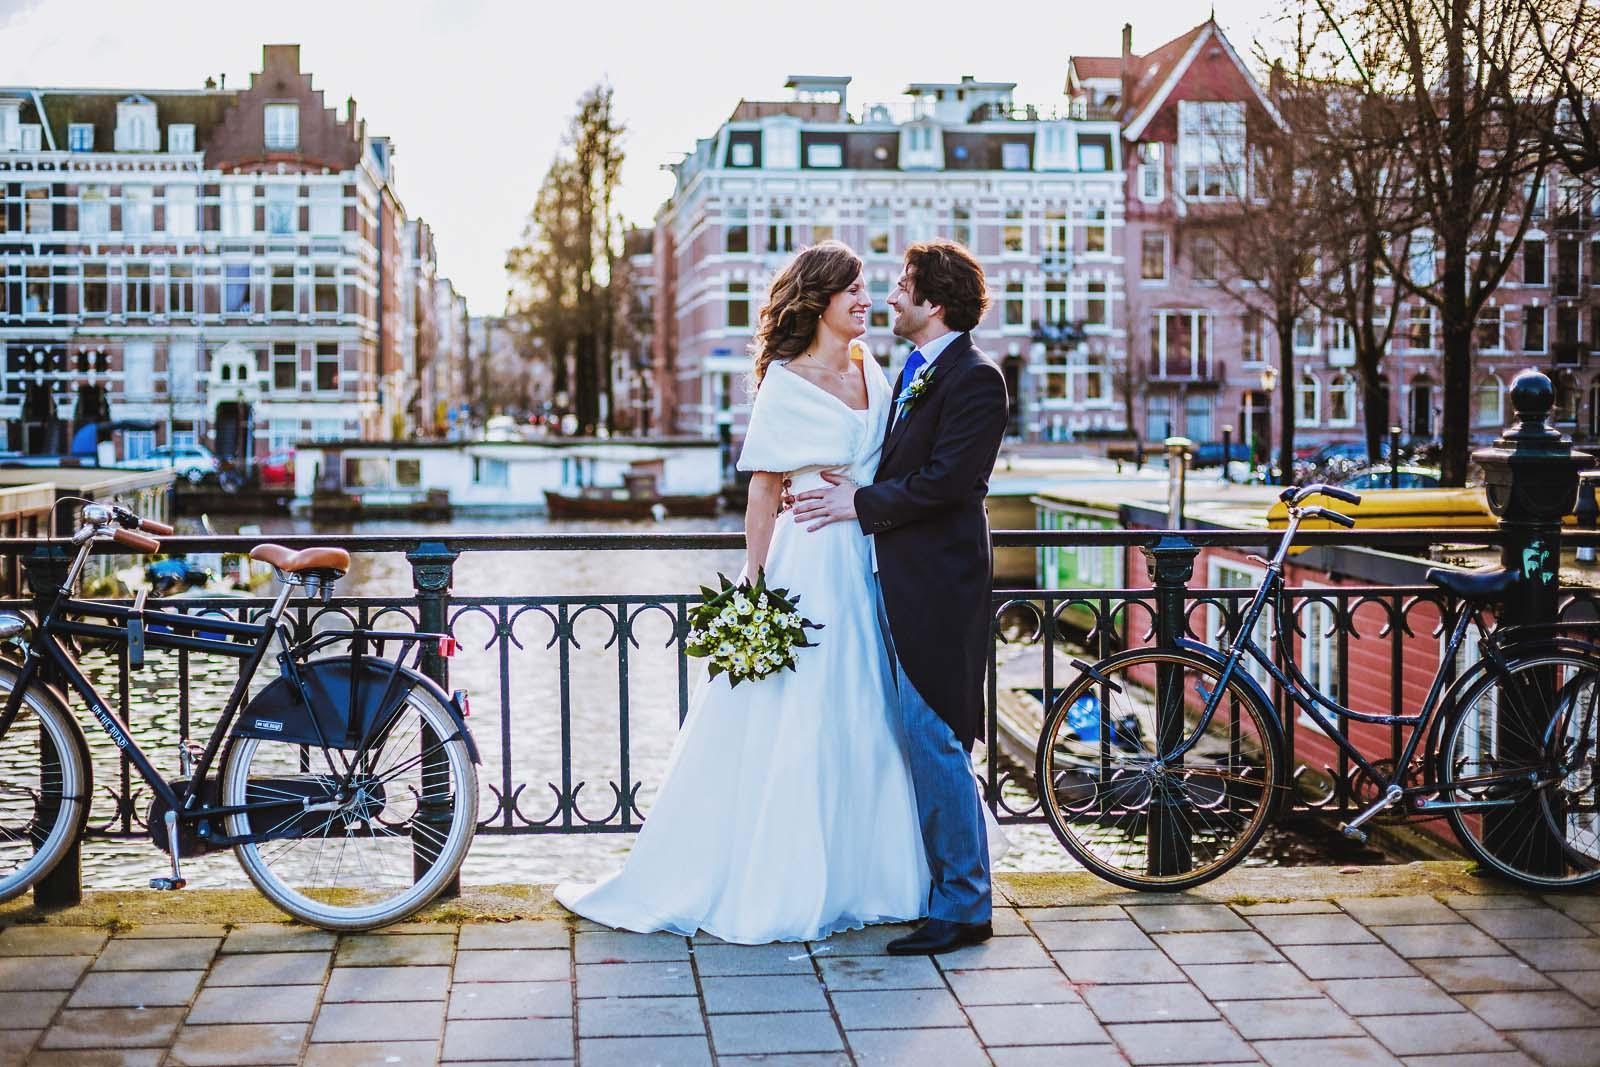 Hochzeitsfotograf beim Fotoshooting in Amsterdam Copyright by Hochzeitsfotograf www.berliner-hochzeitsfotografie.de